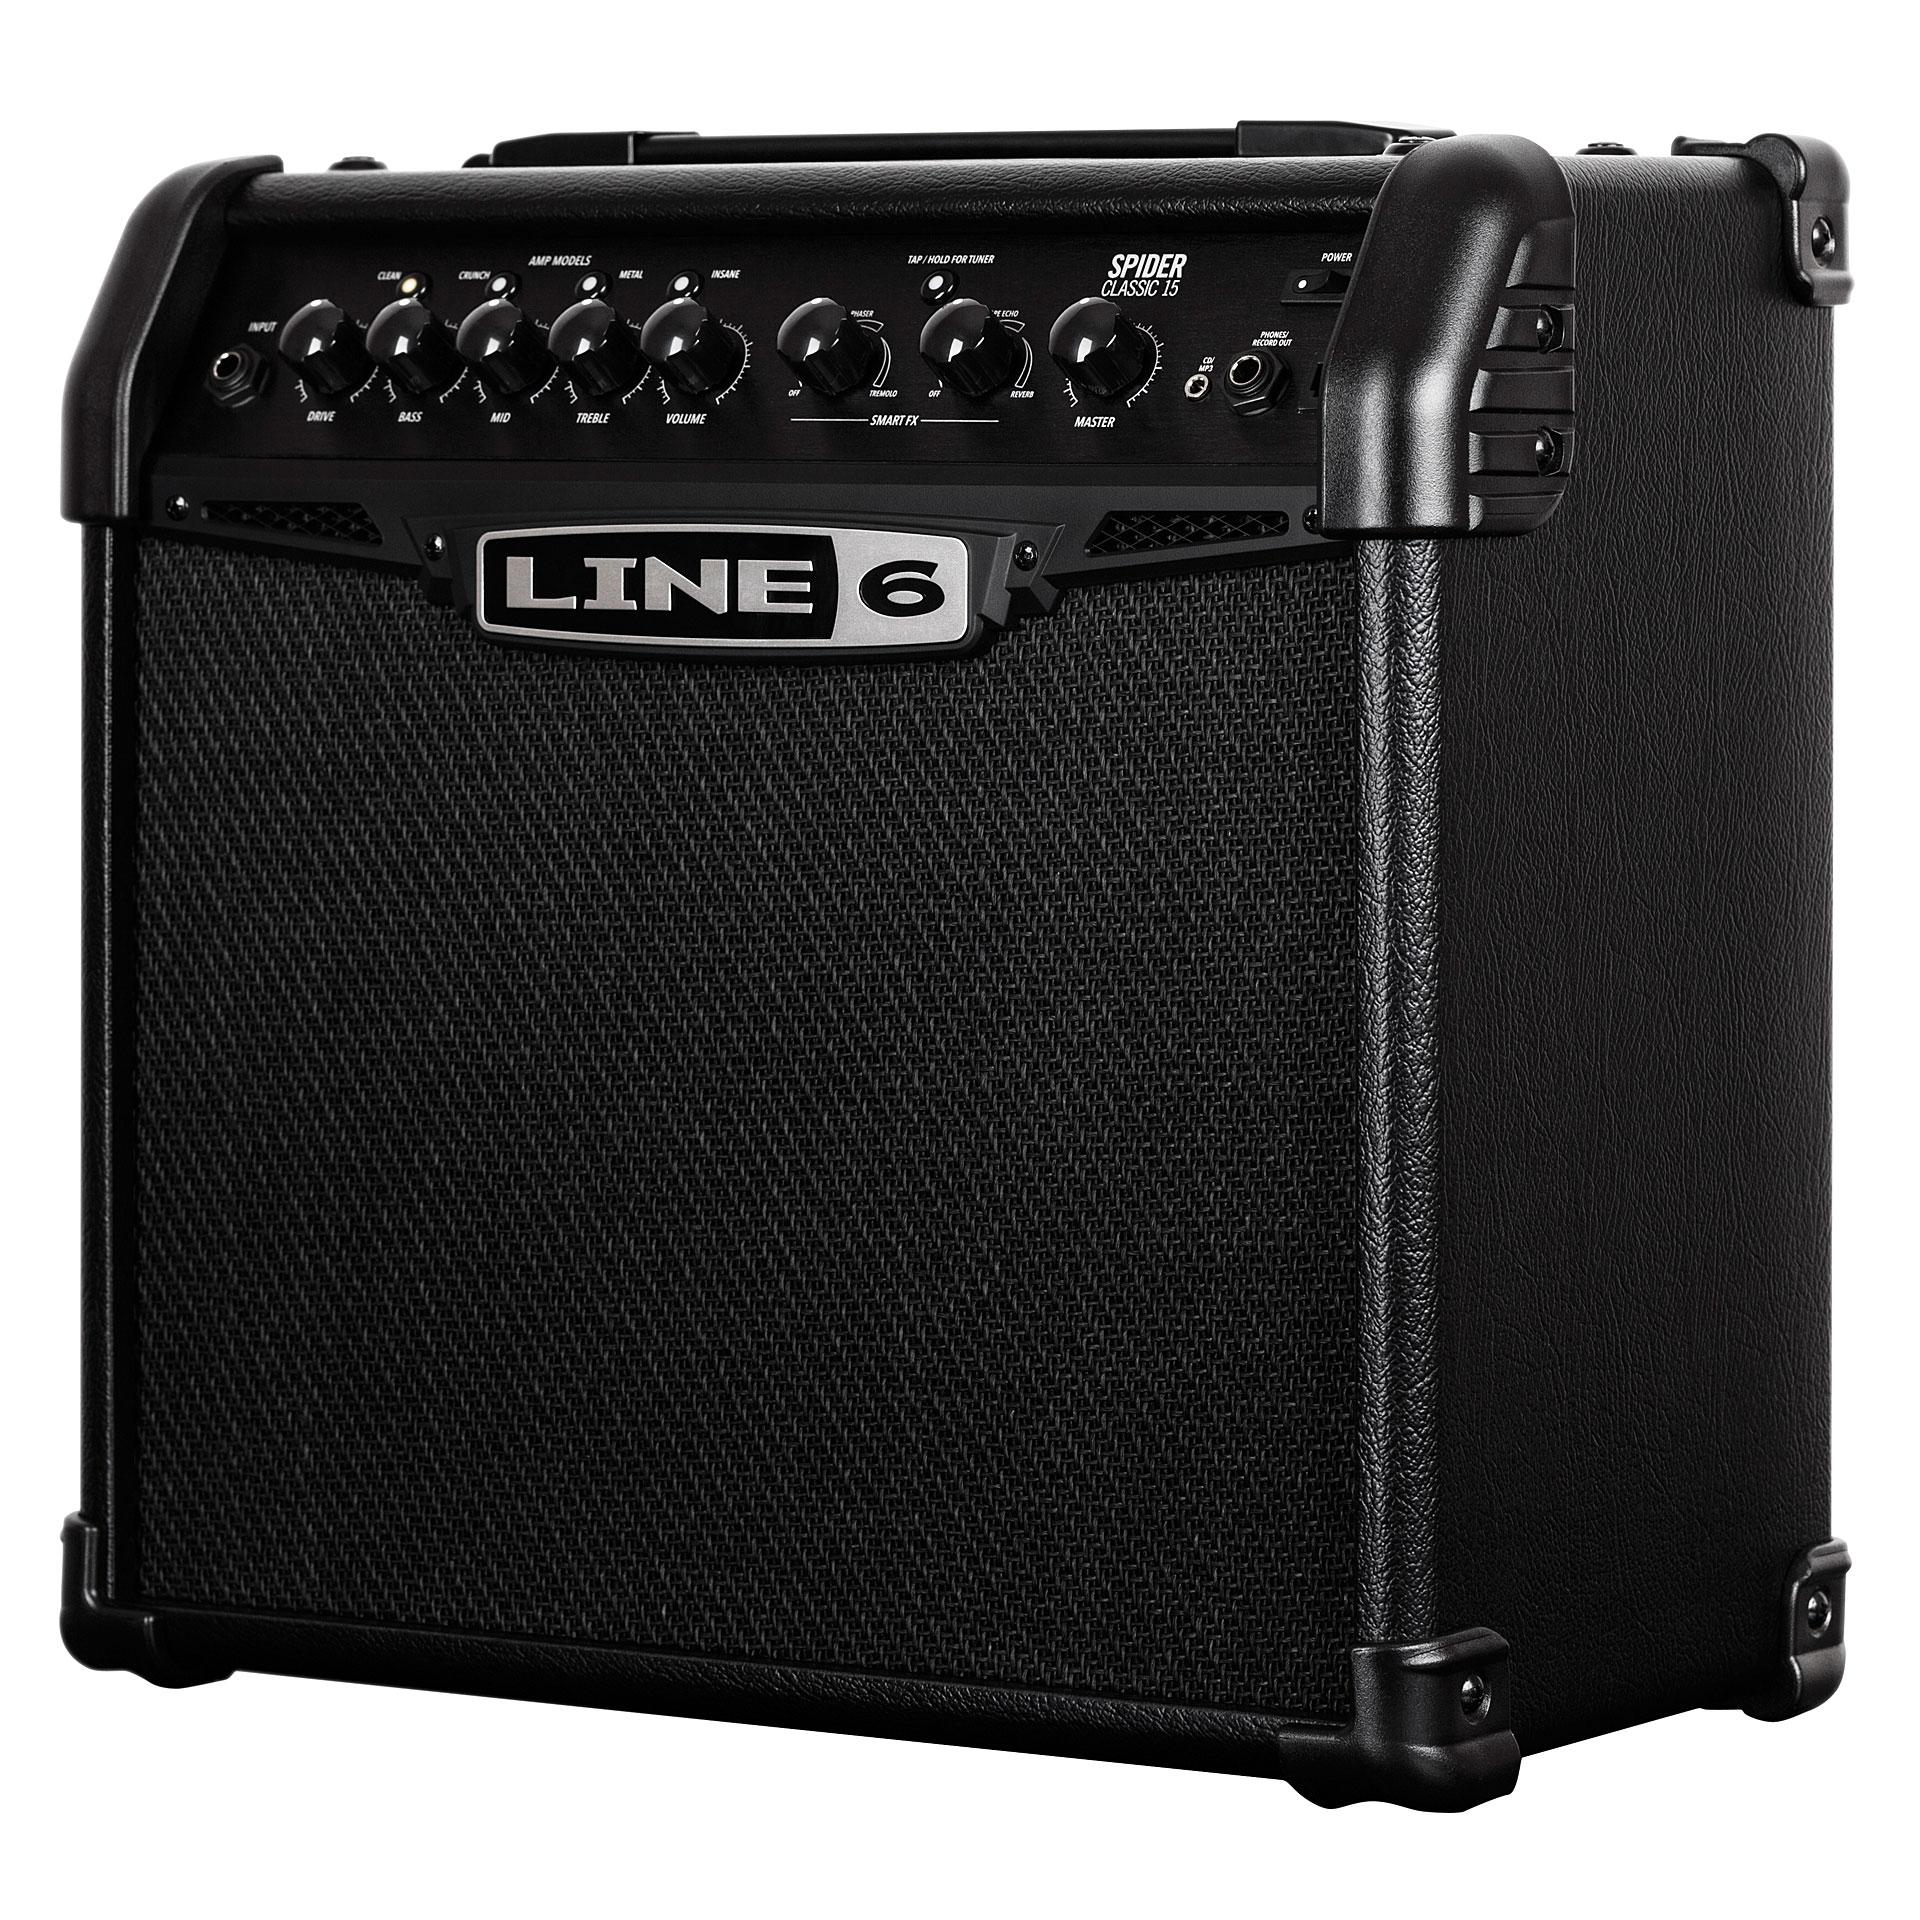 line 6 spider classic 15 guitar amp. Black Bedroom Furniture Sets. Home Design Ideas